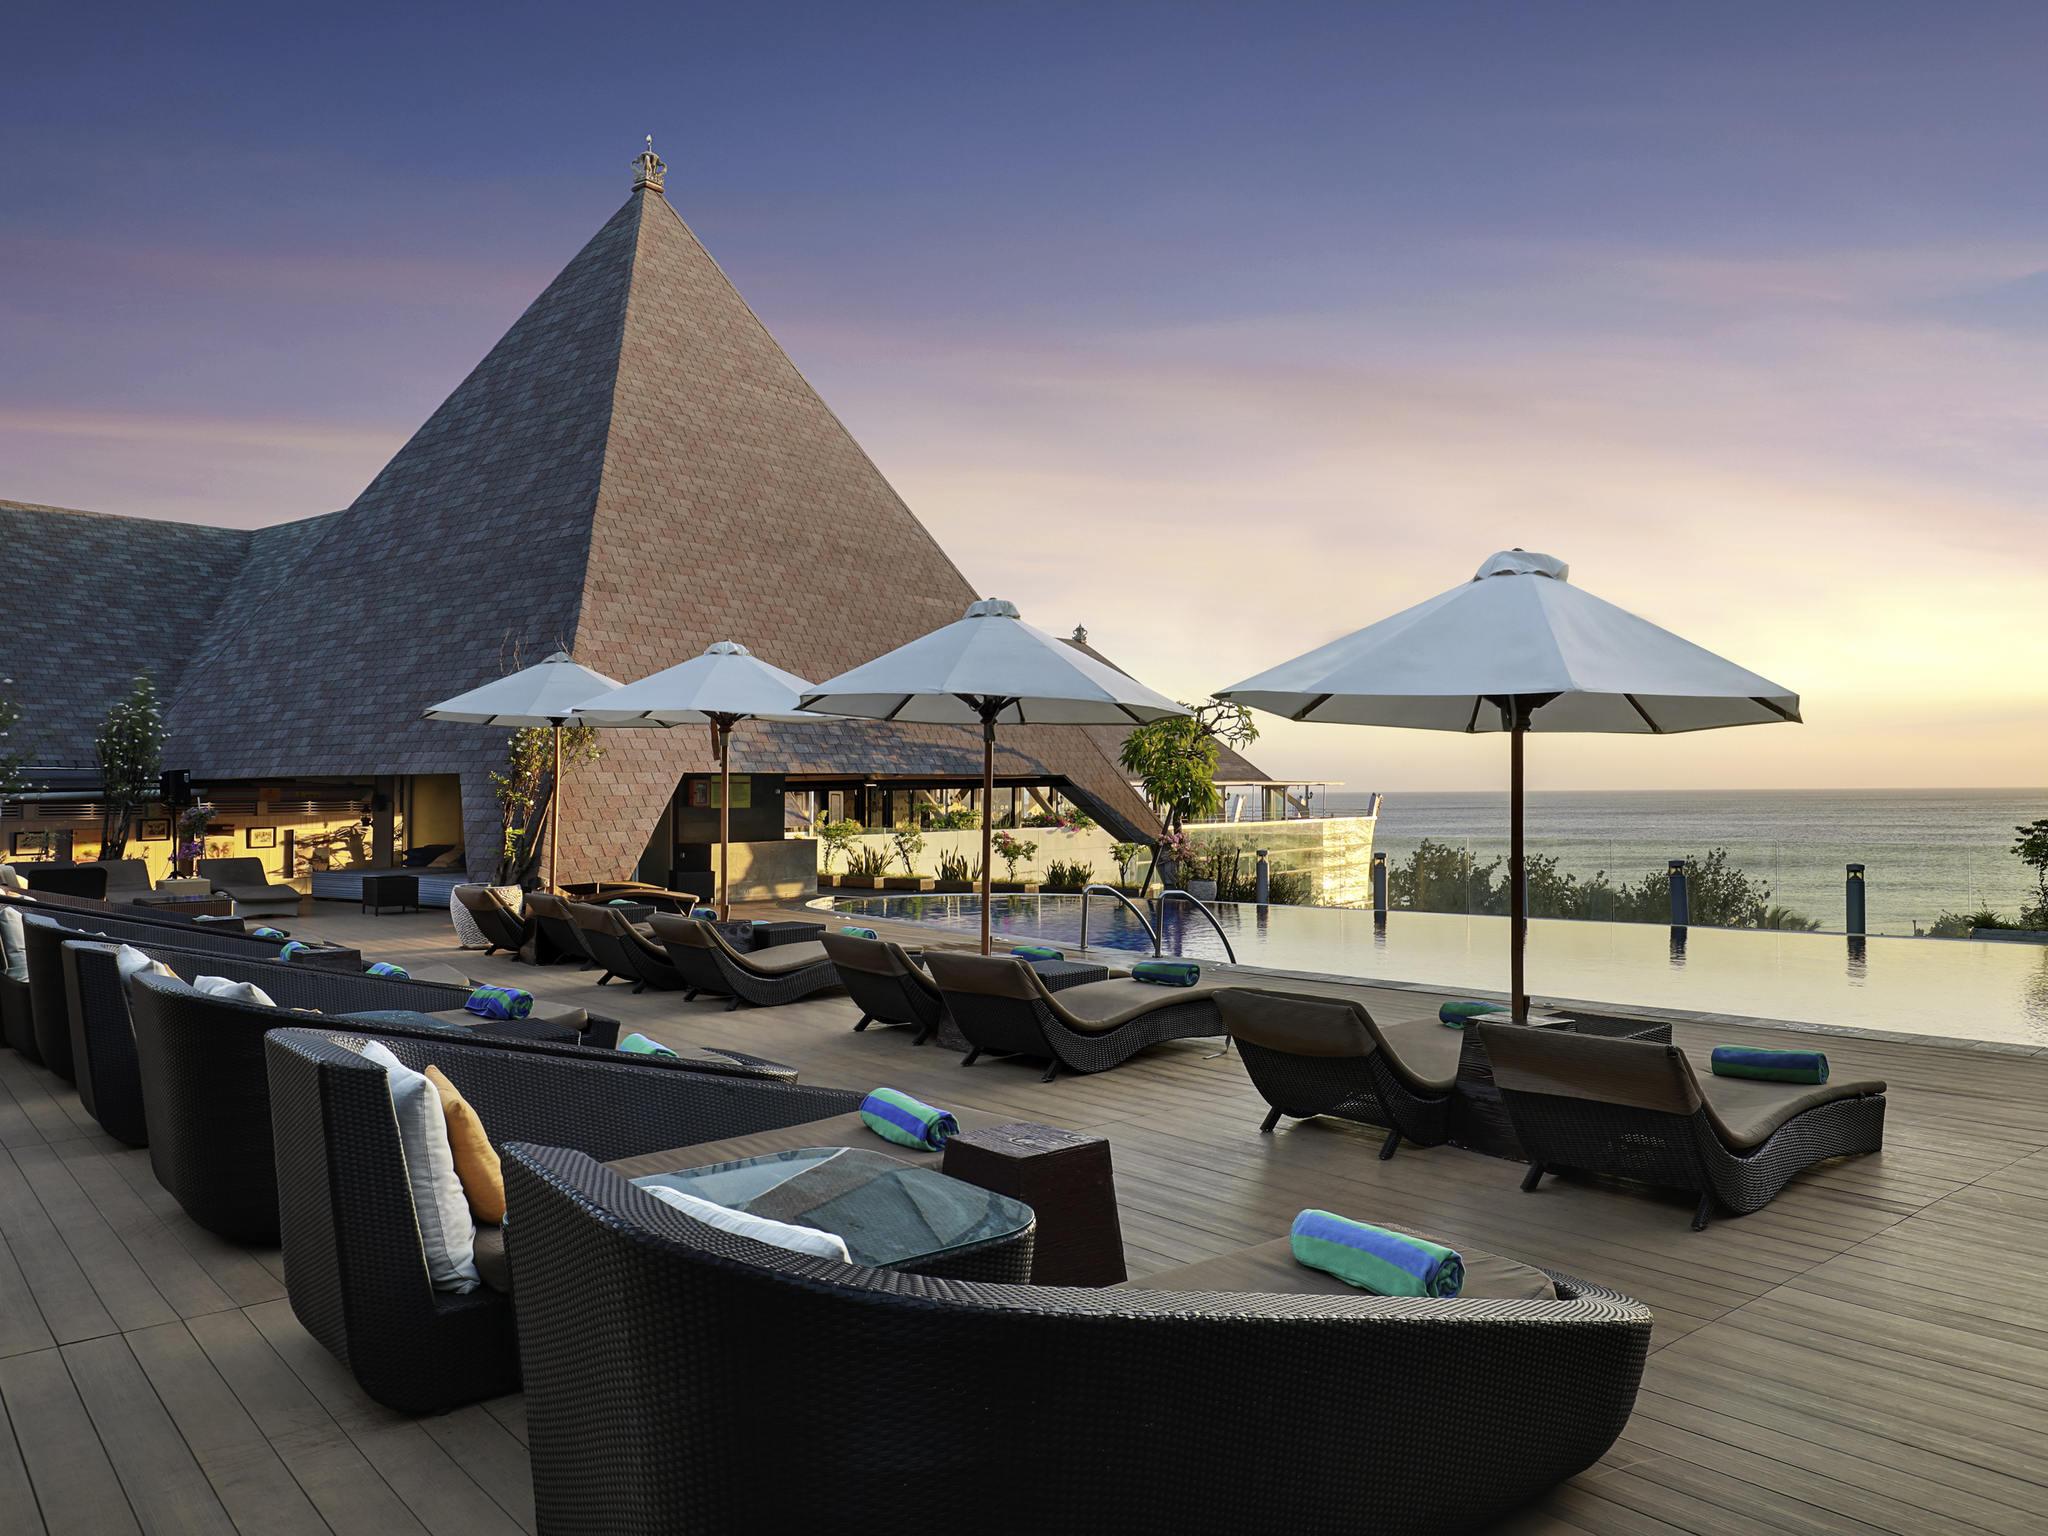 โรงแรม – โรงแรม เดอะ กูตา บีช เฮอริเทจ บาหลี - ดูแลจัดการโดย AccorHotels